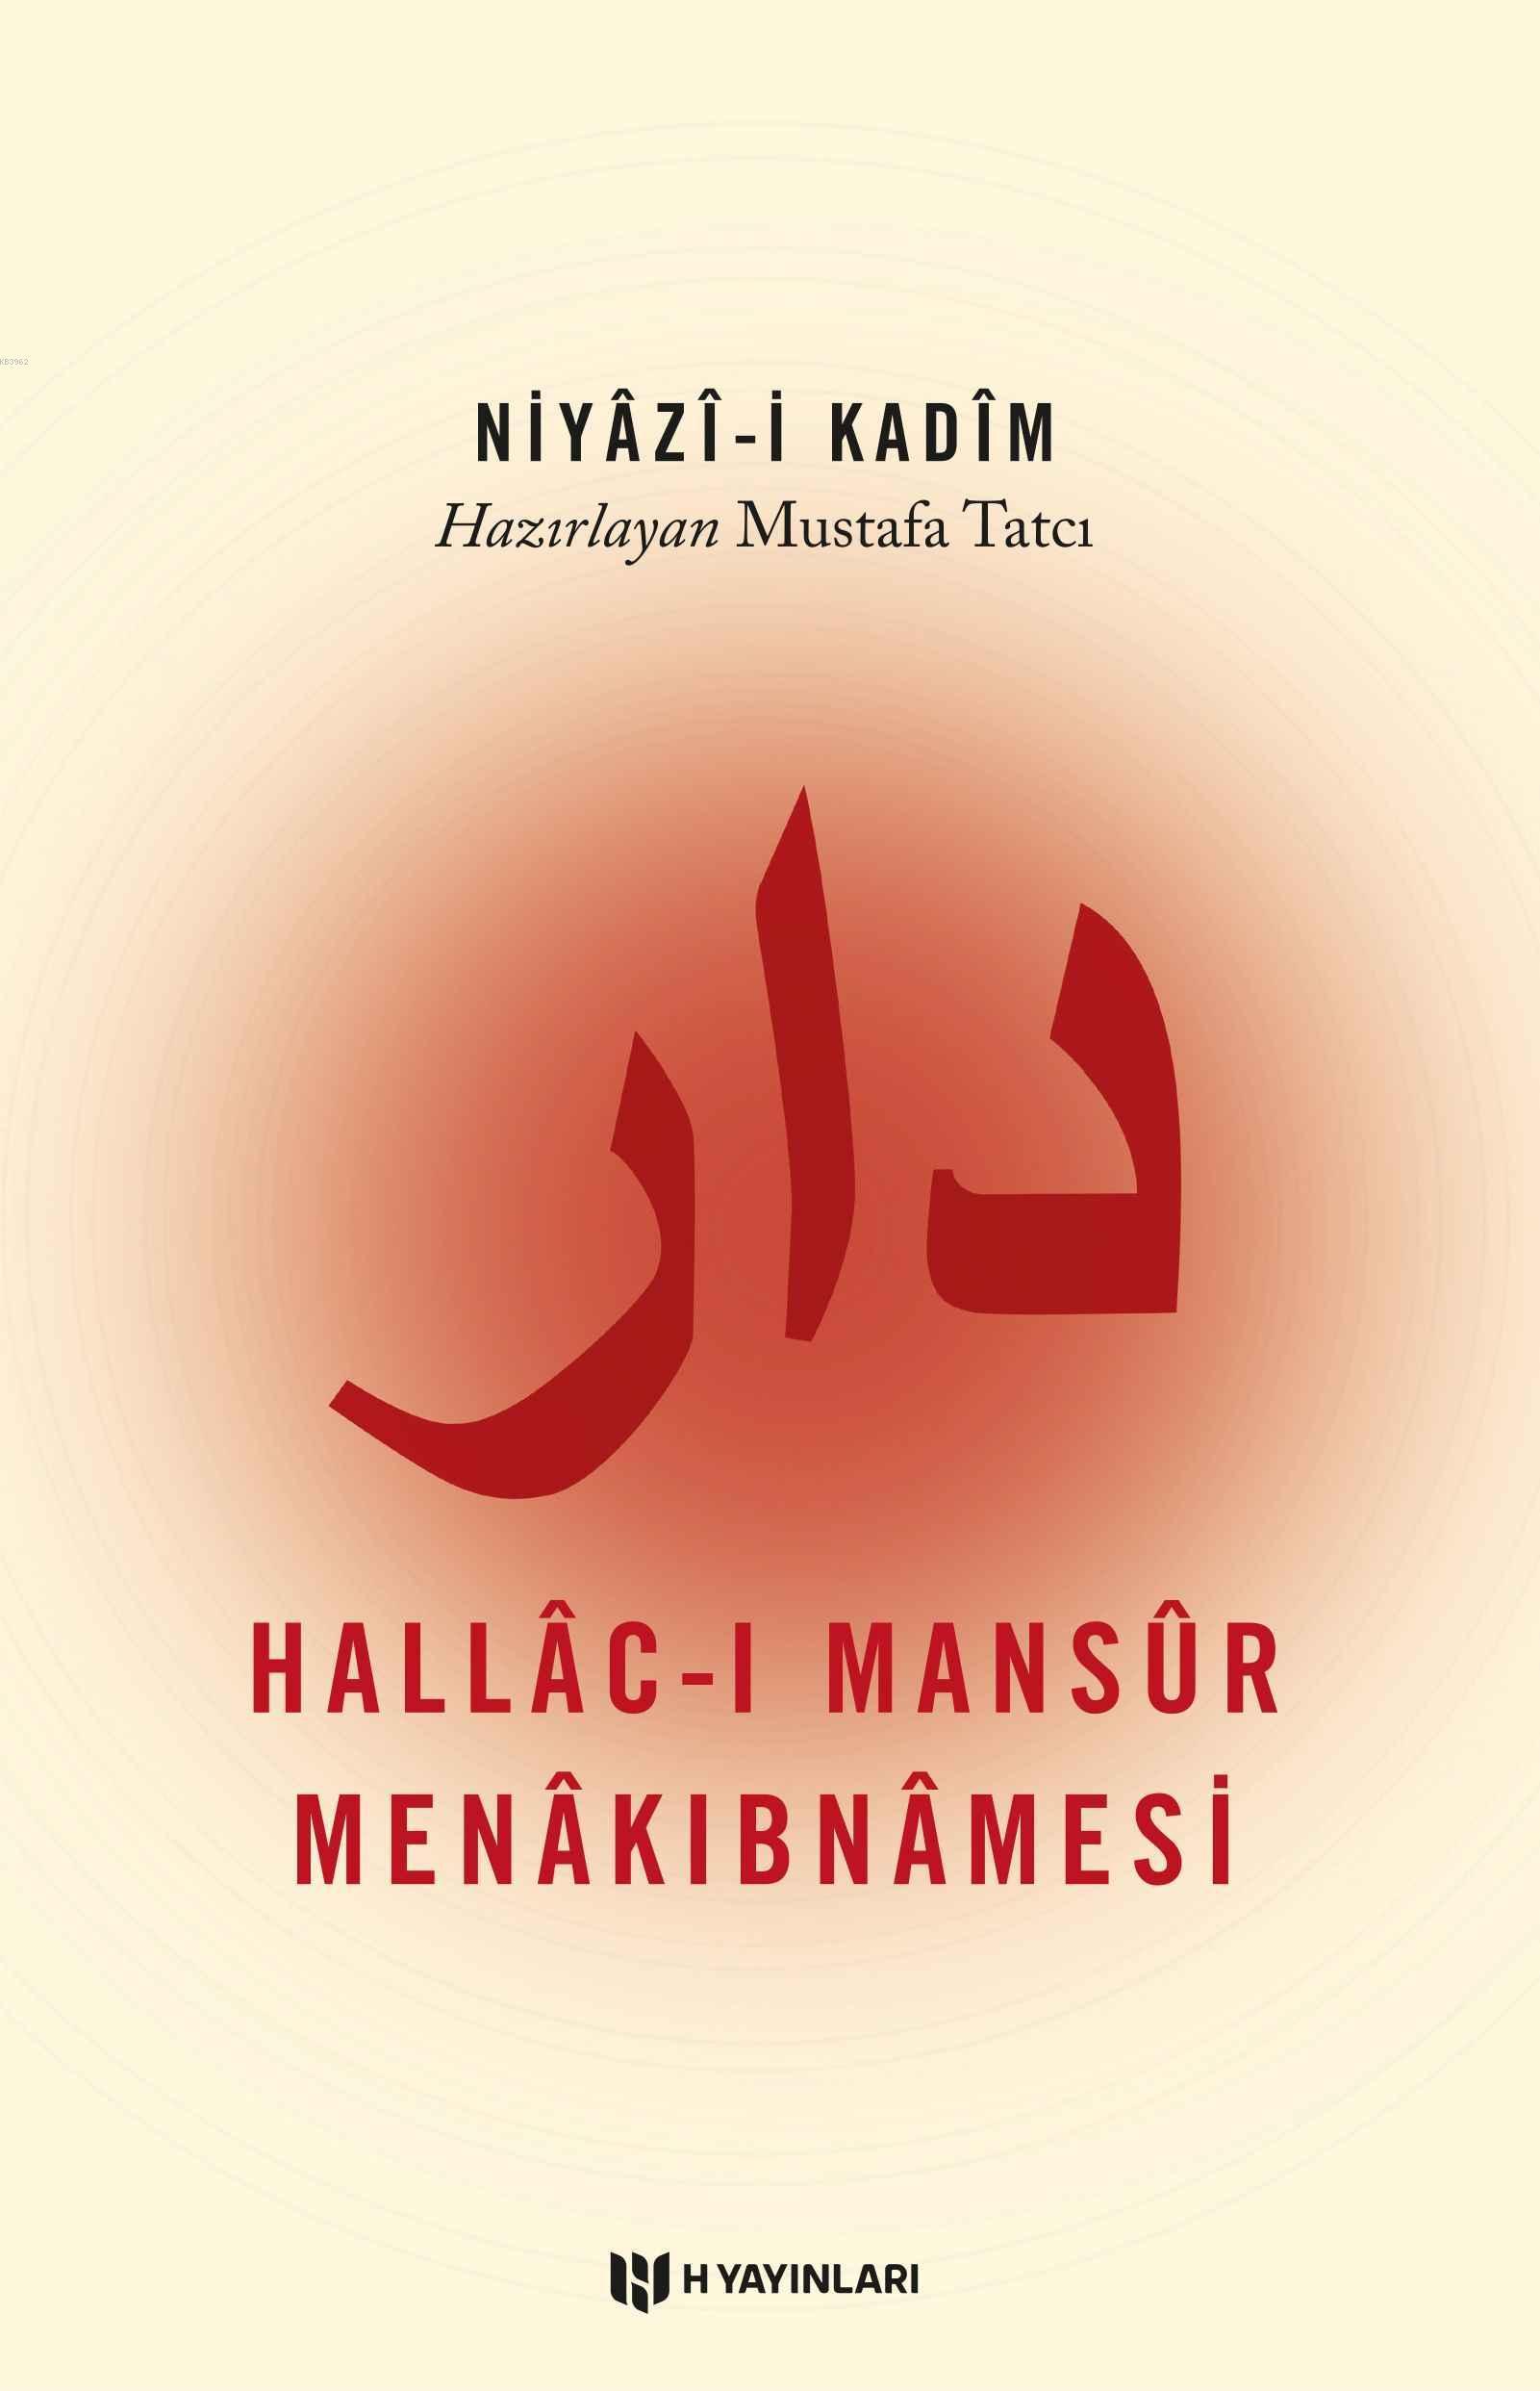 Hallac-ı Mansur Menakıbnamesi; Niyazi-i Kadim